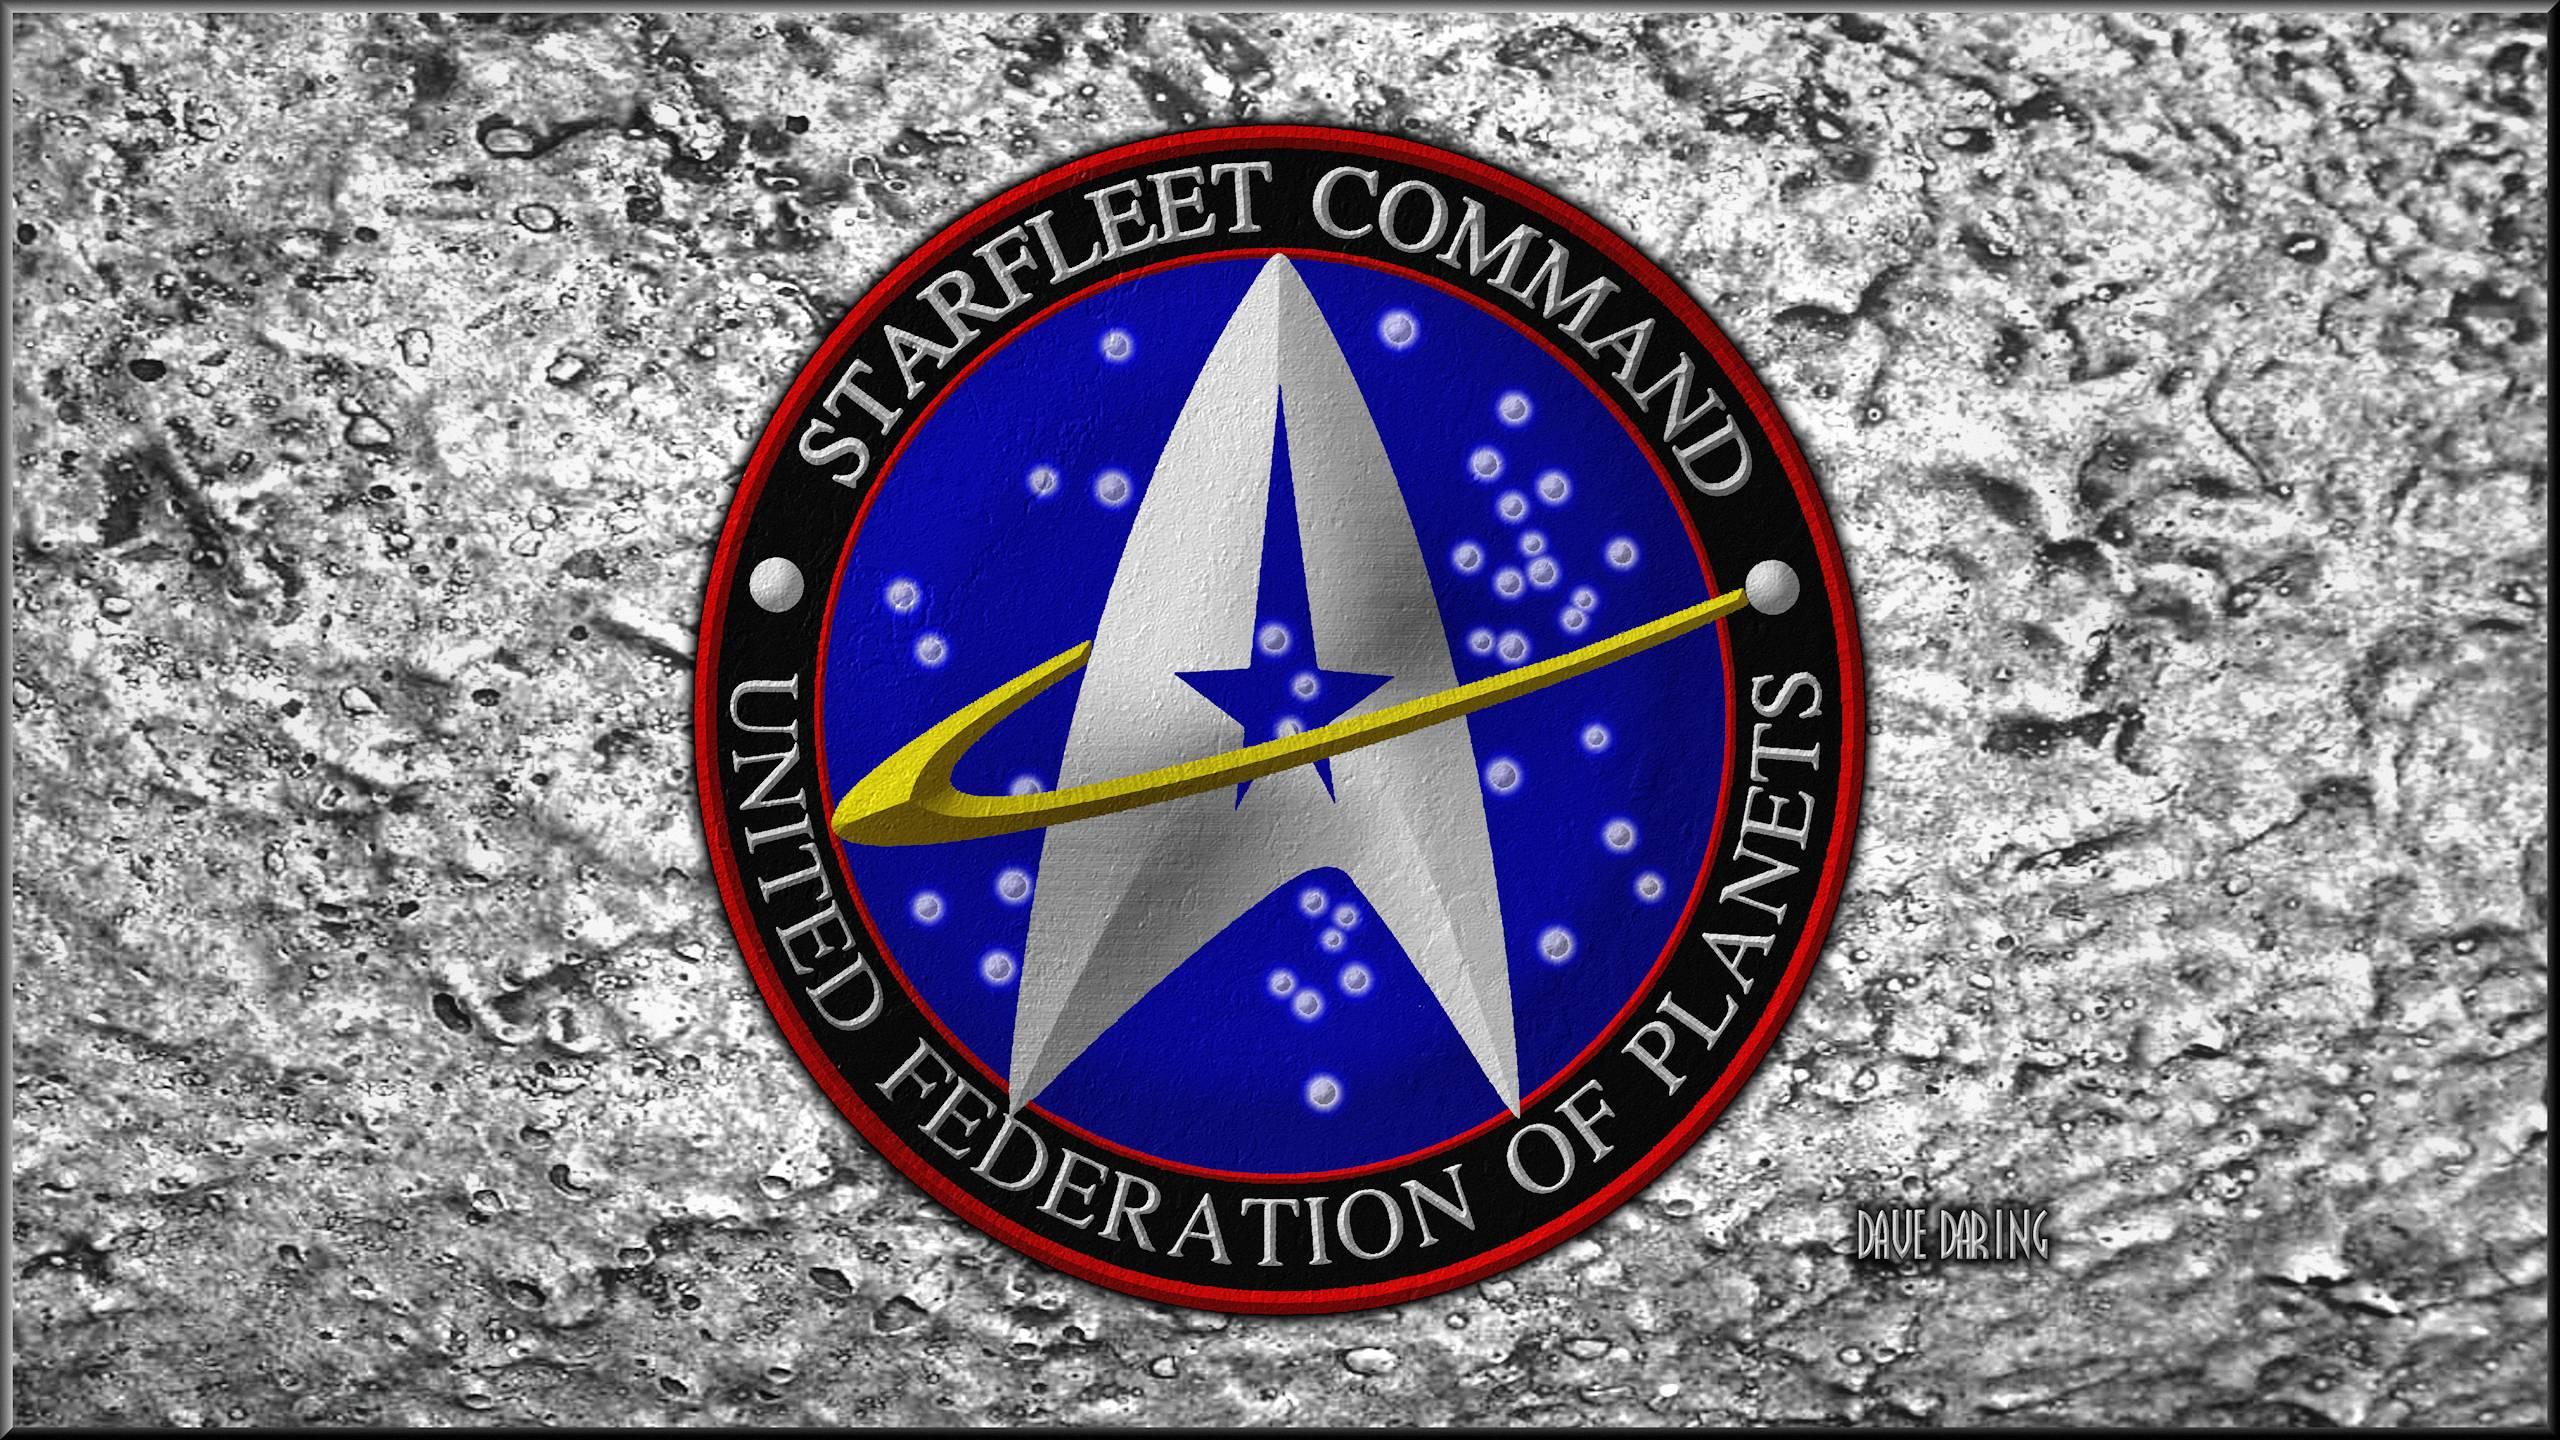 Star Fleet Command 33